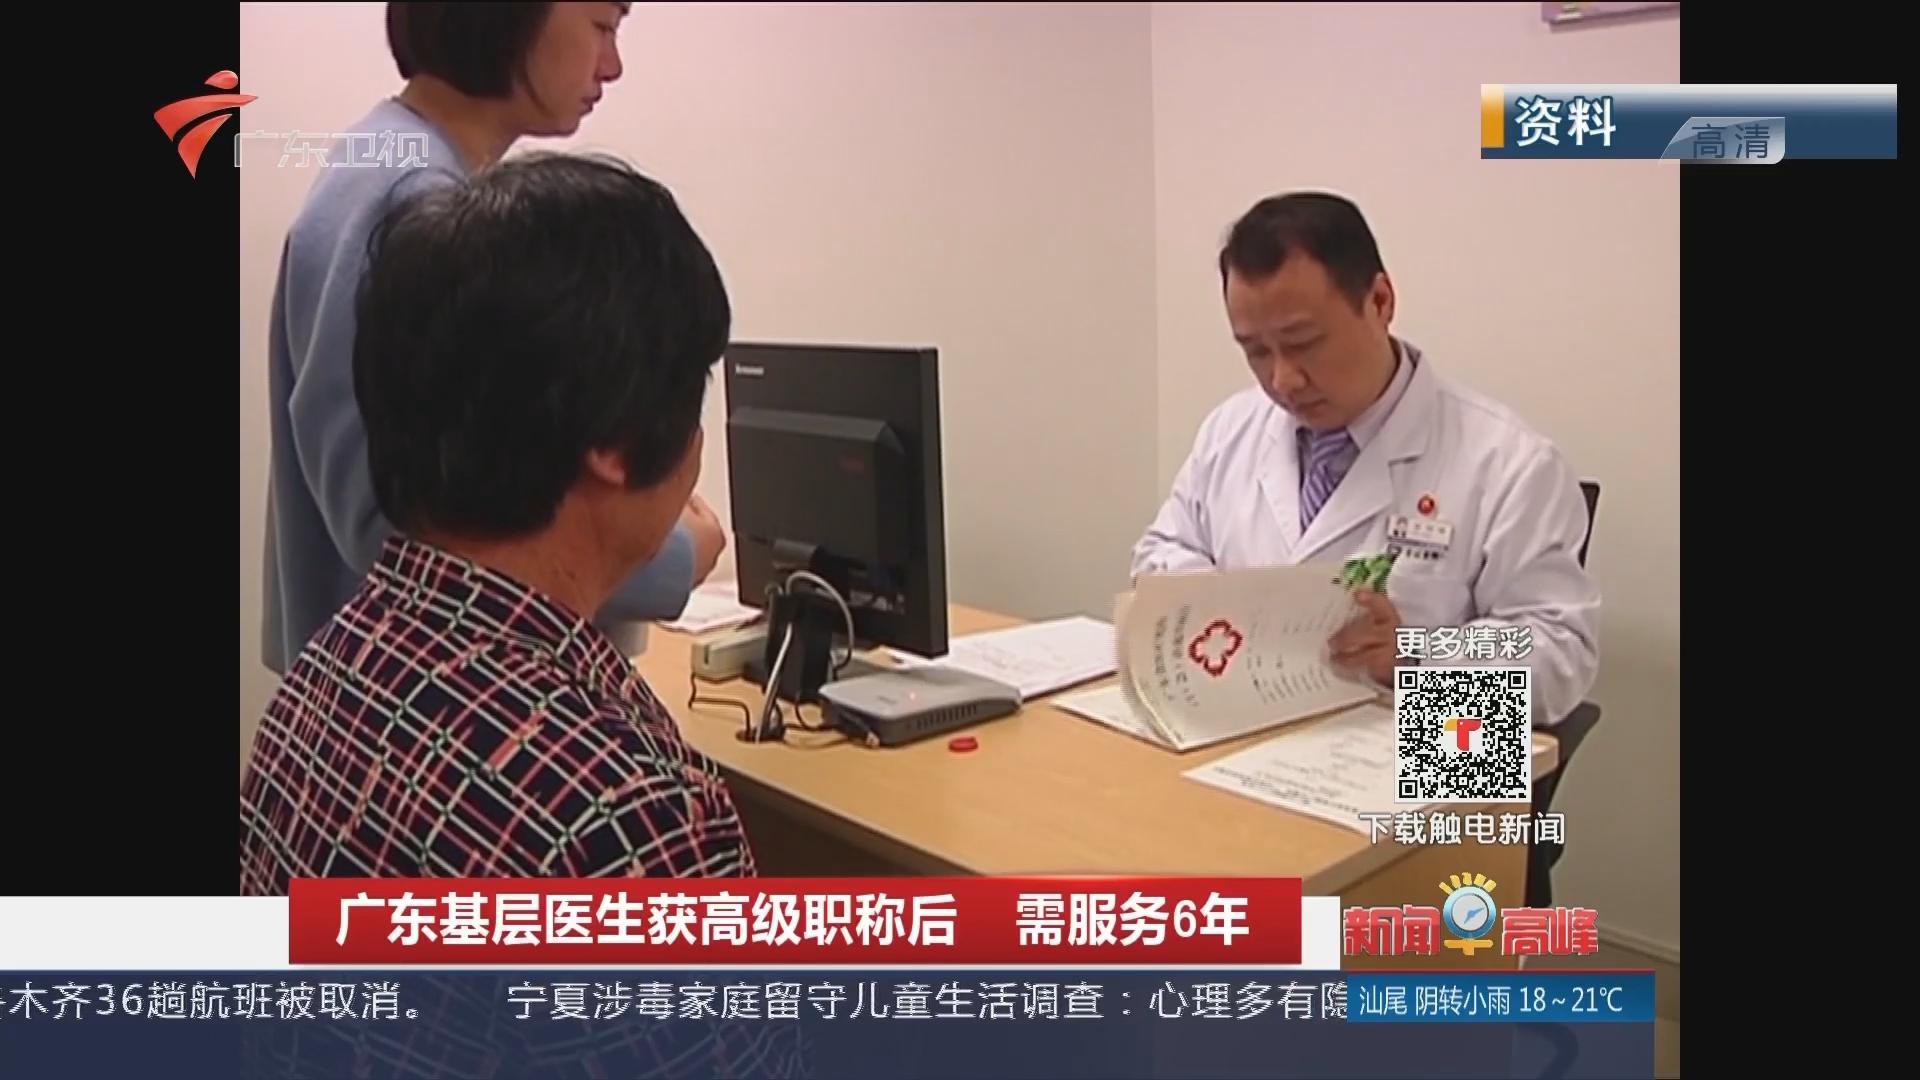 广东基层医生获高级职称后 需服务6年